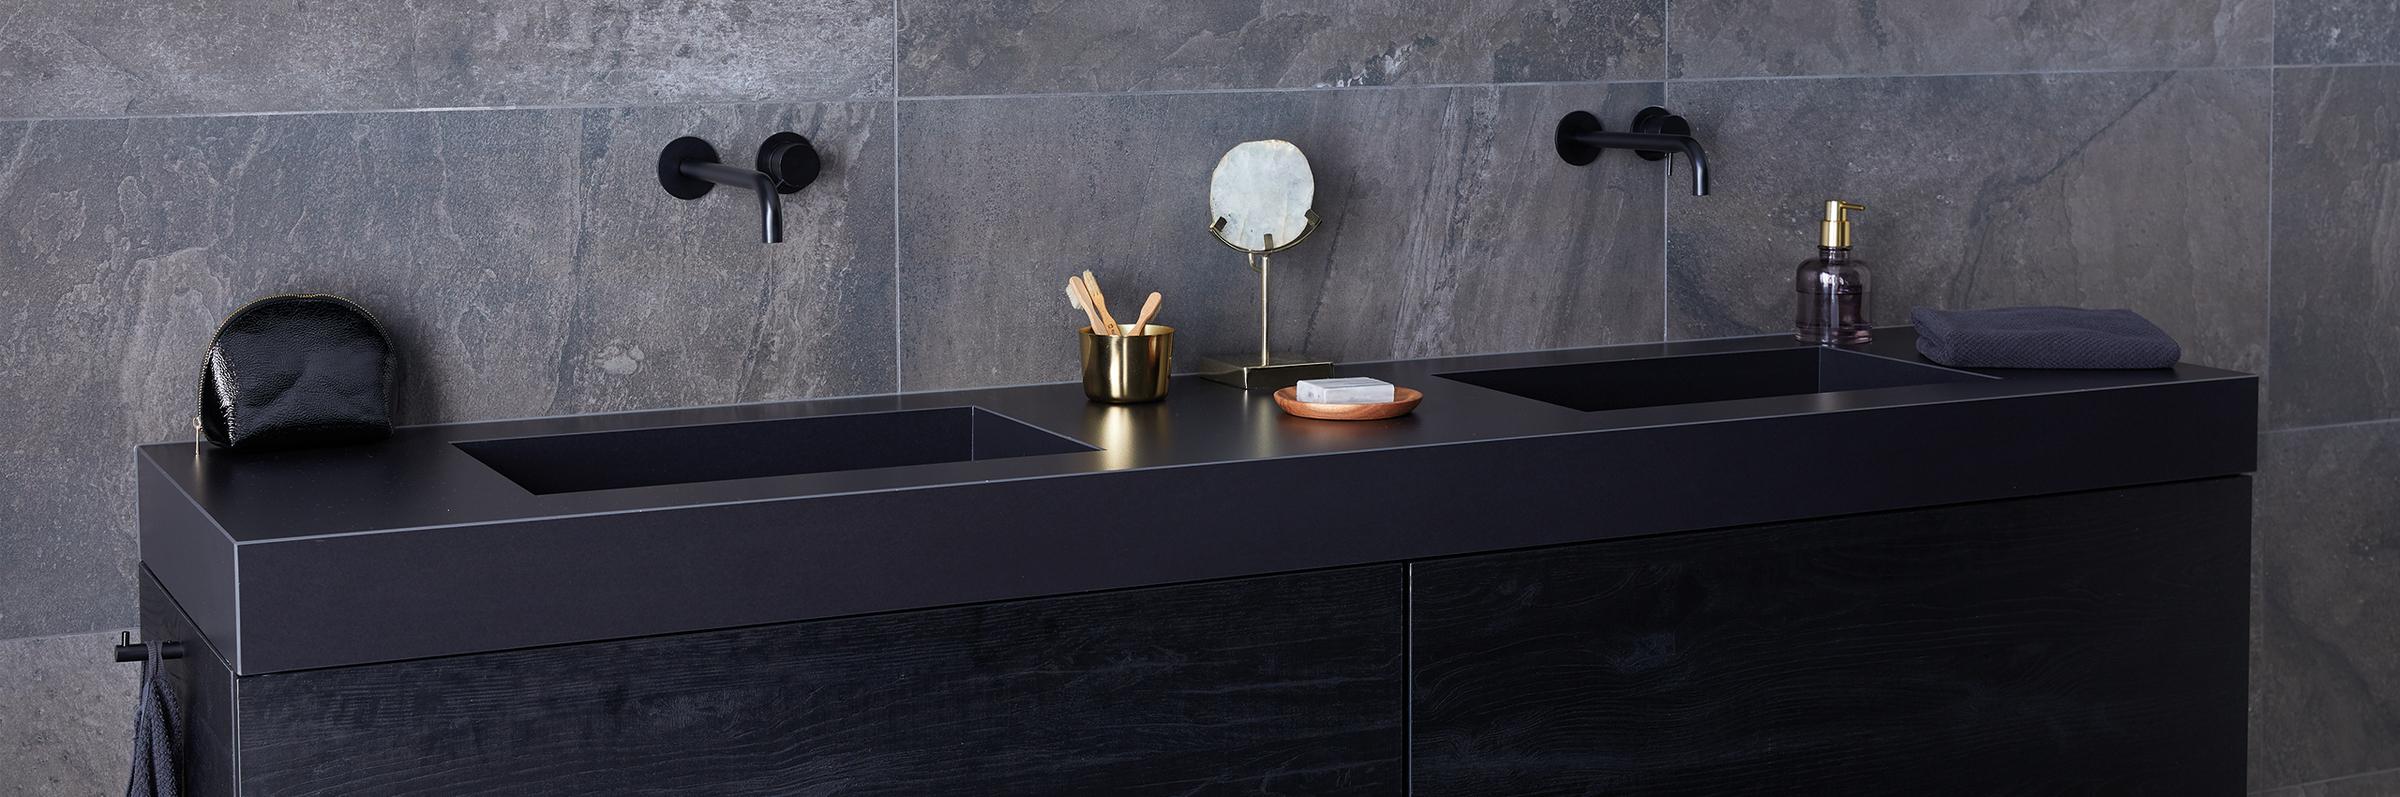 Binnenkijken bij een zwarte badkamer - Binnenkijken bij een zwarte badkamer